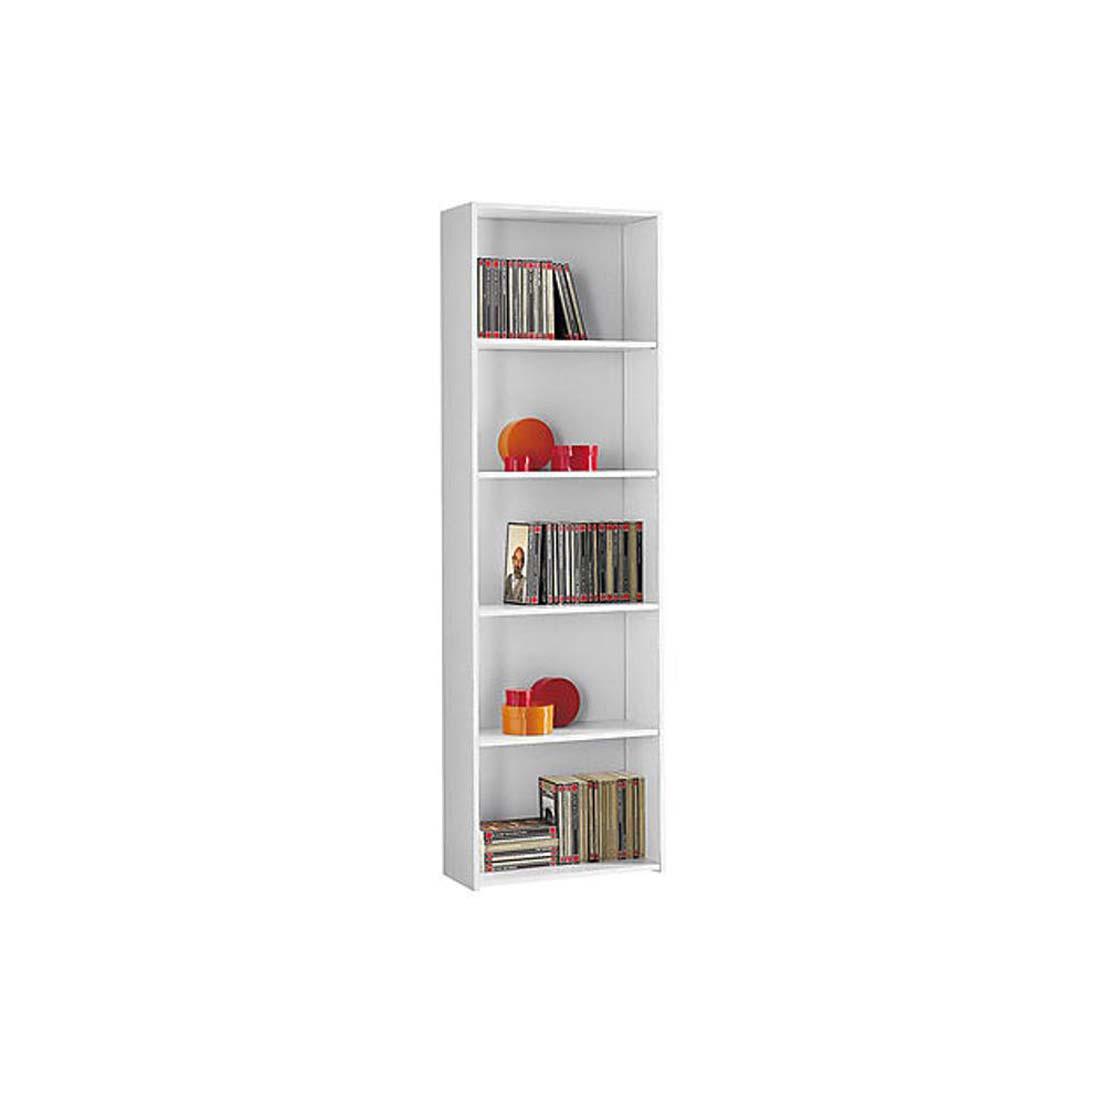 Mobile libreria 5 ripiani 55x21x175 cm bianca for Libreria bianca economica